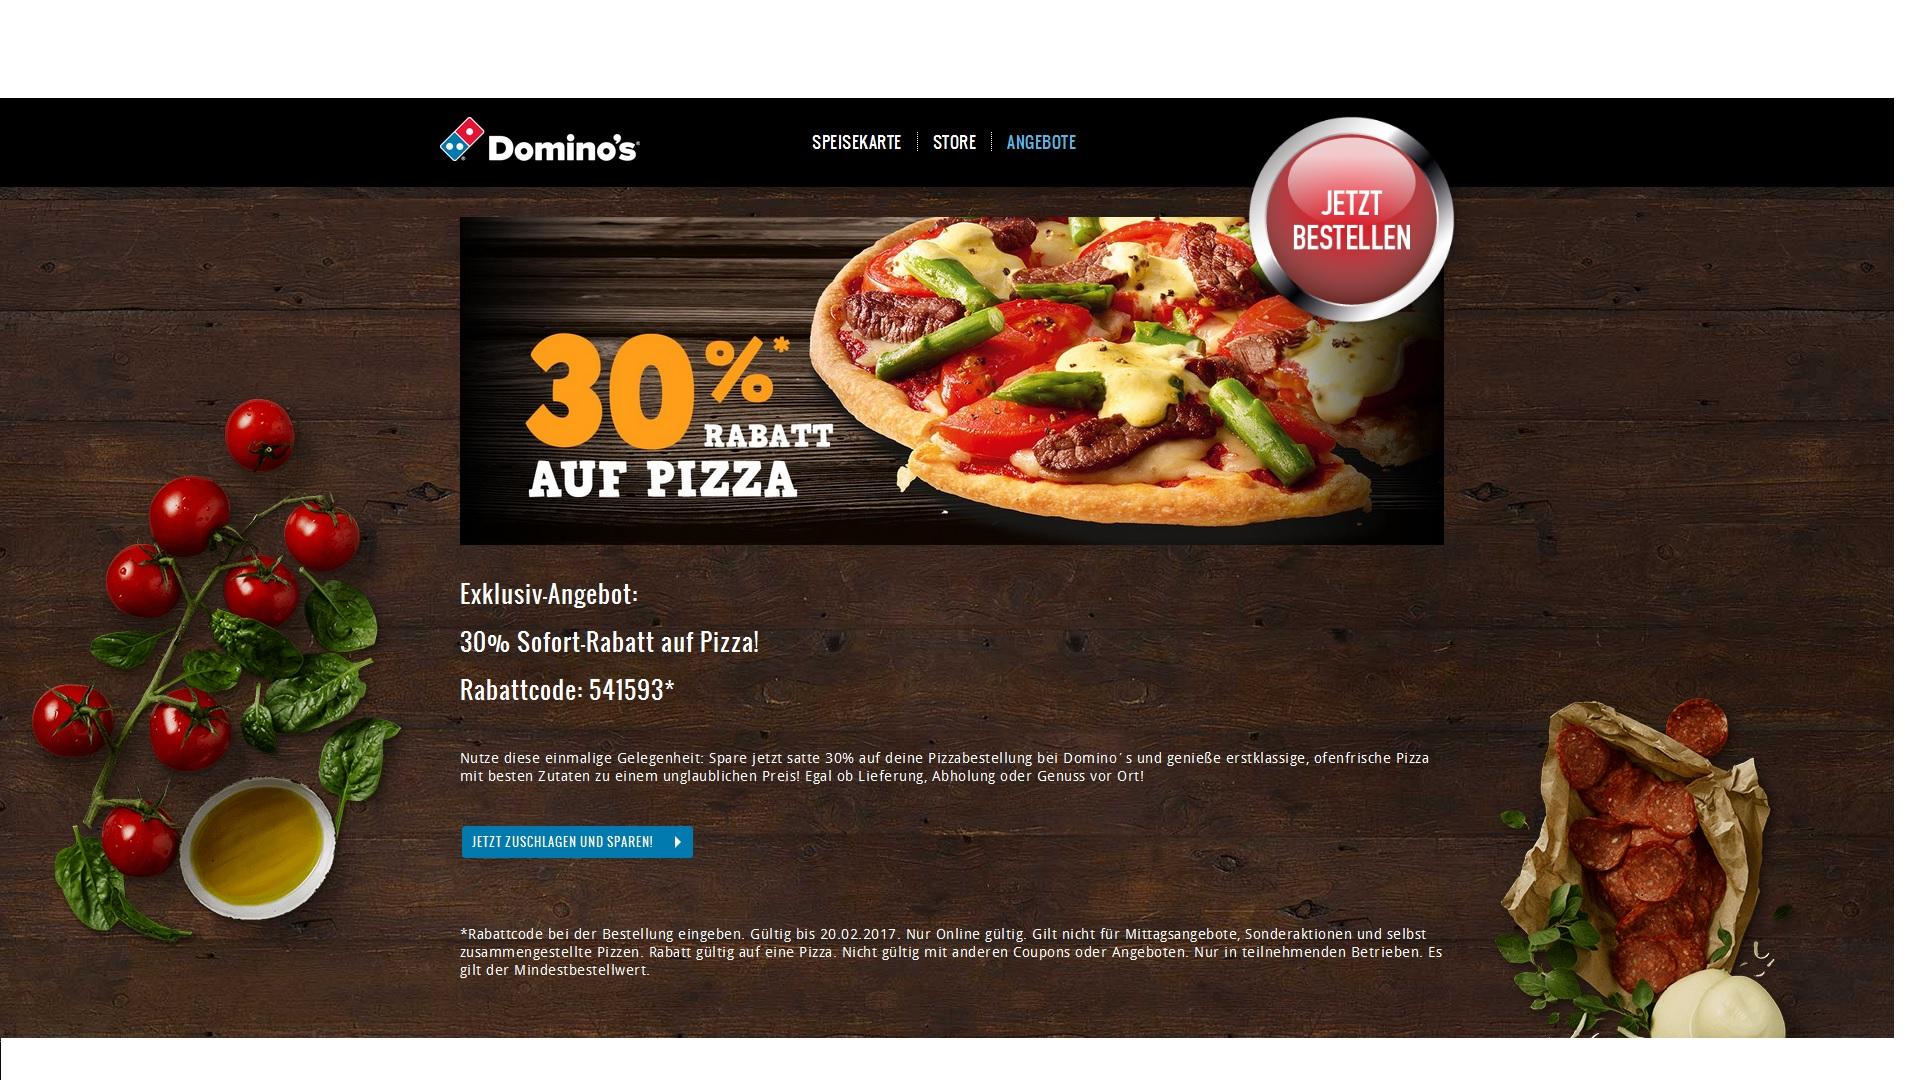 Domino´s 30% Rabatt auf Pizza!